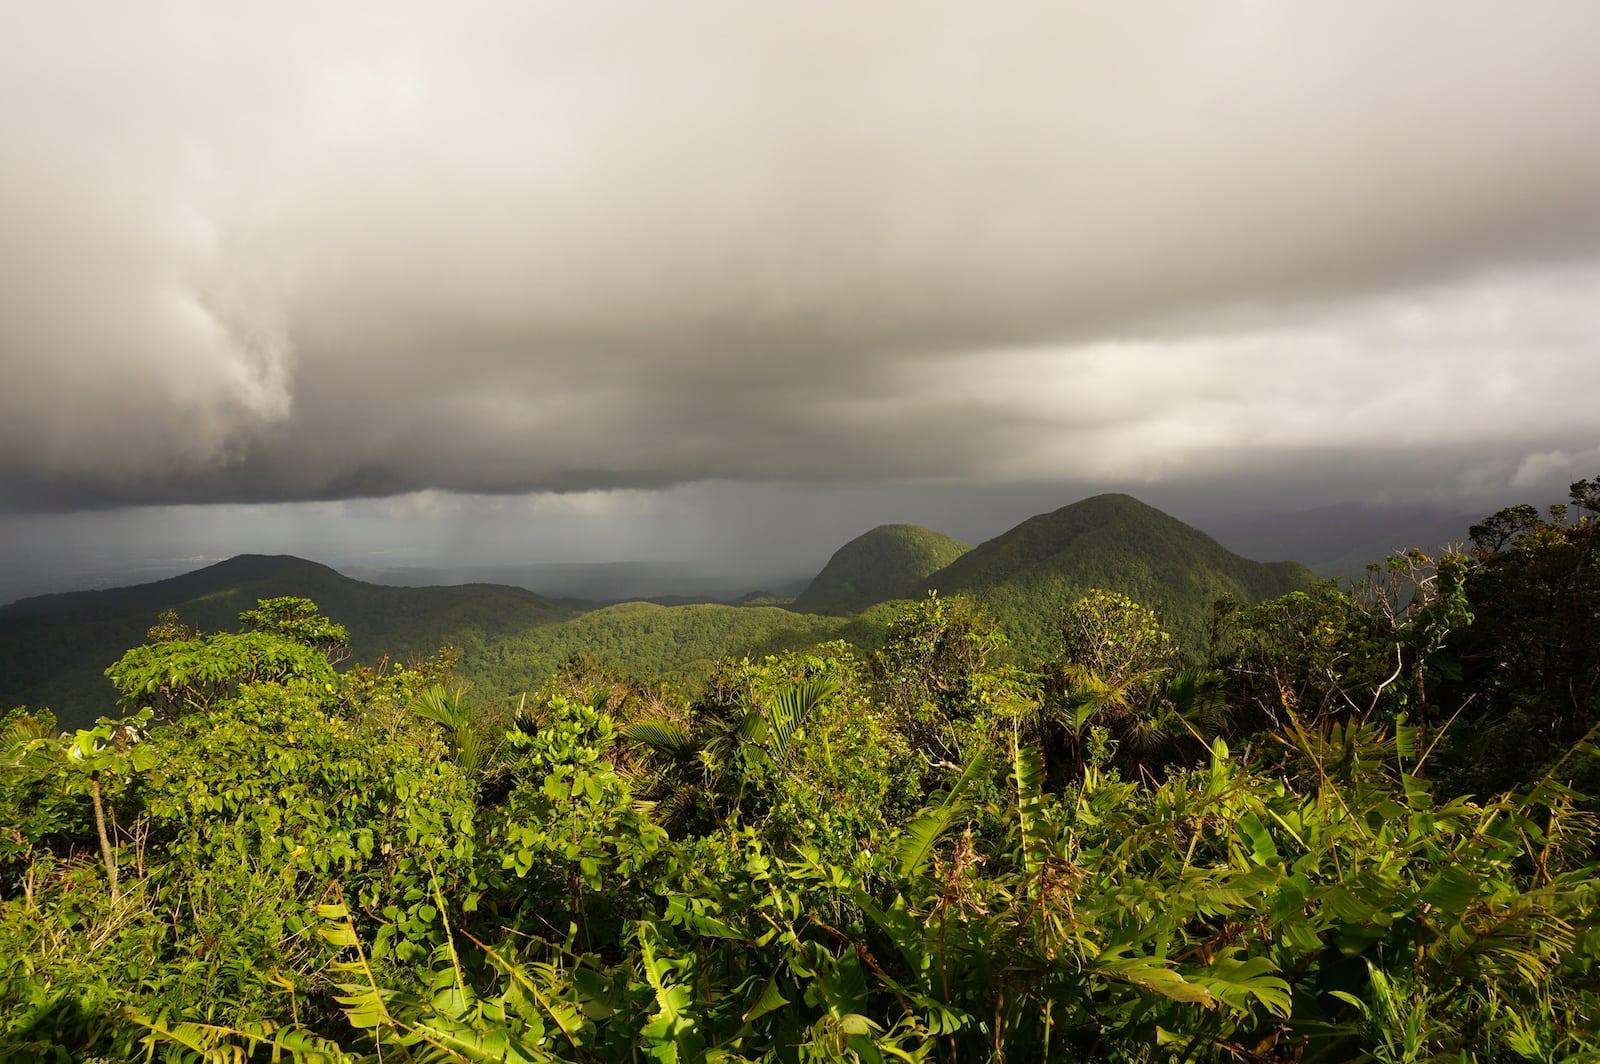 Mes conseils pratiques pour un voyage en Guadeloupe - La météo !